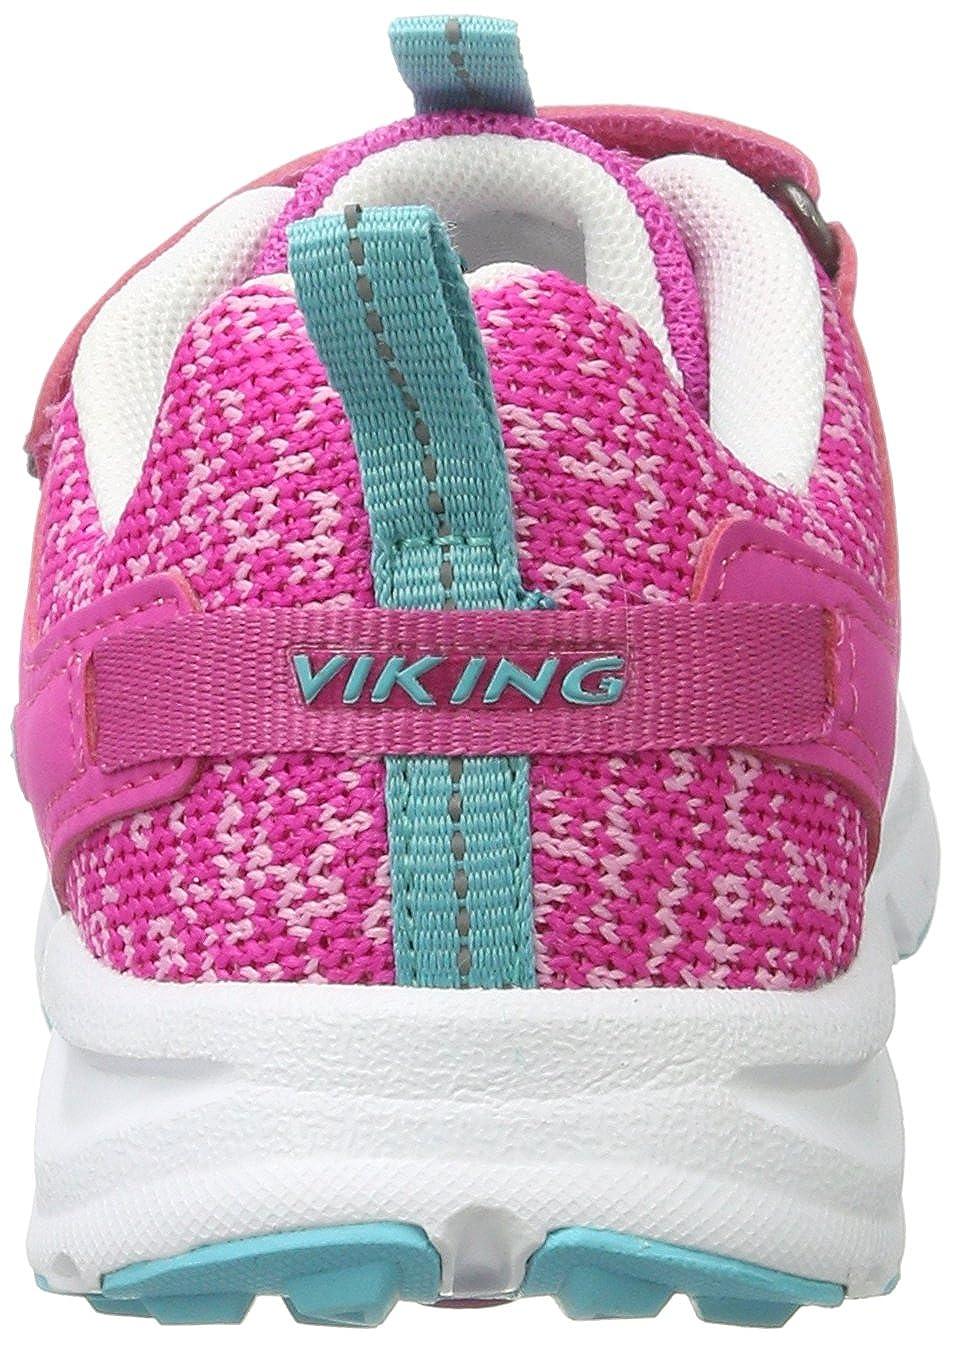 viking Veil Chaussures de Cross Mixte Enfant